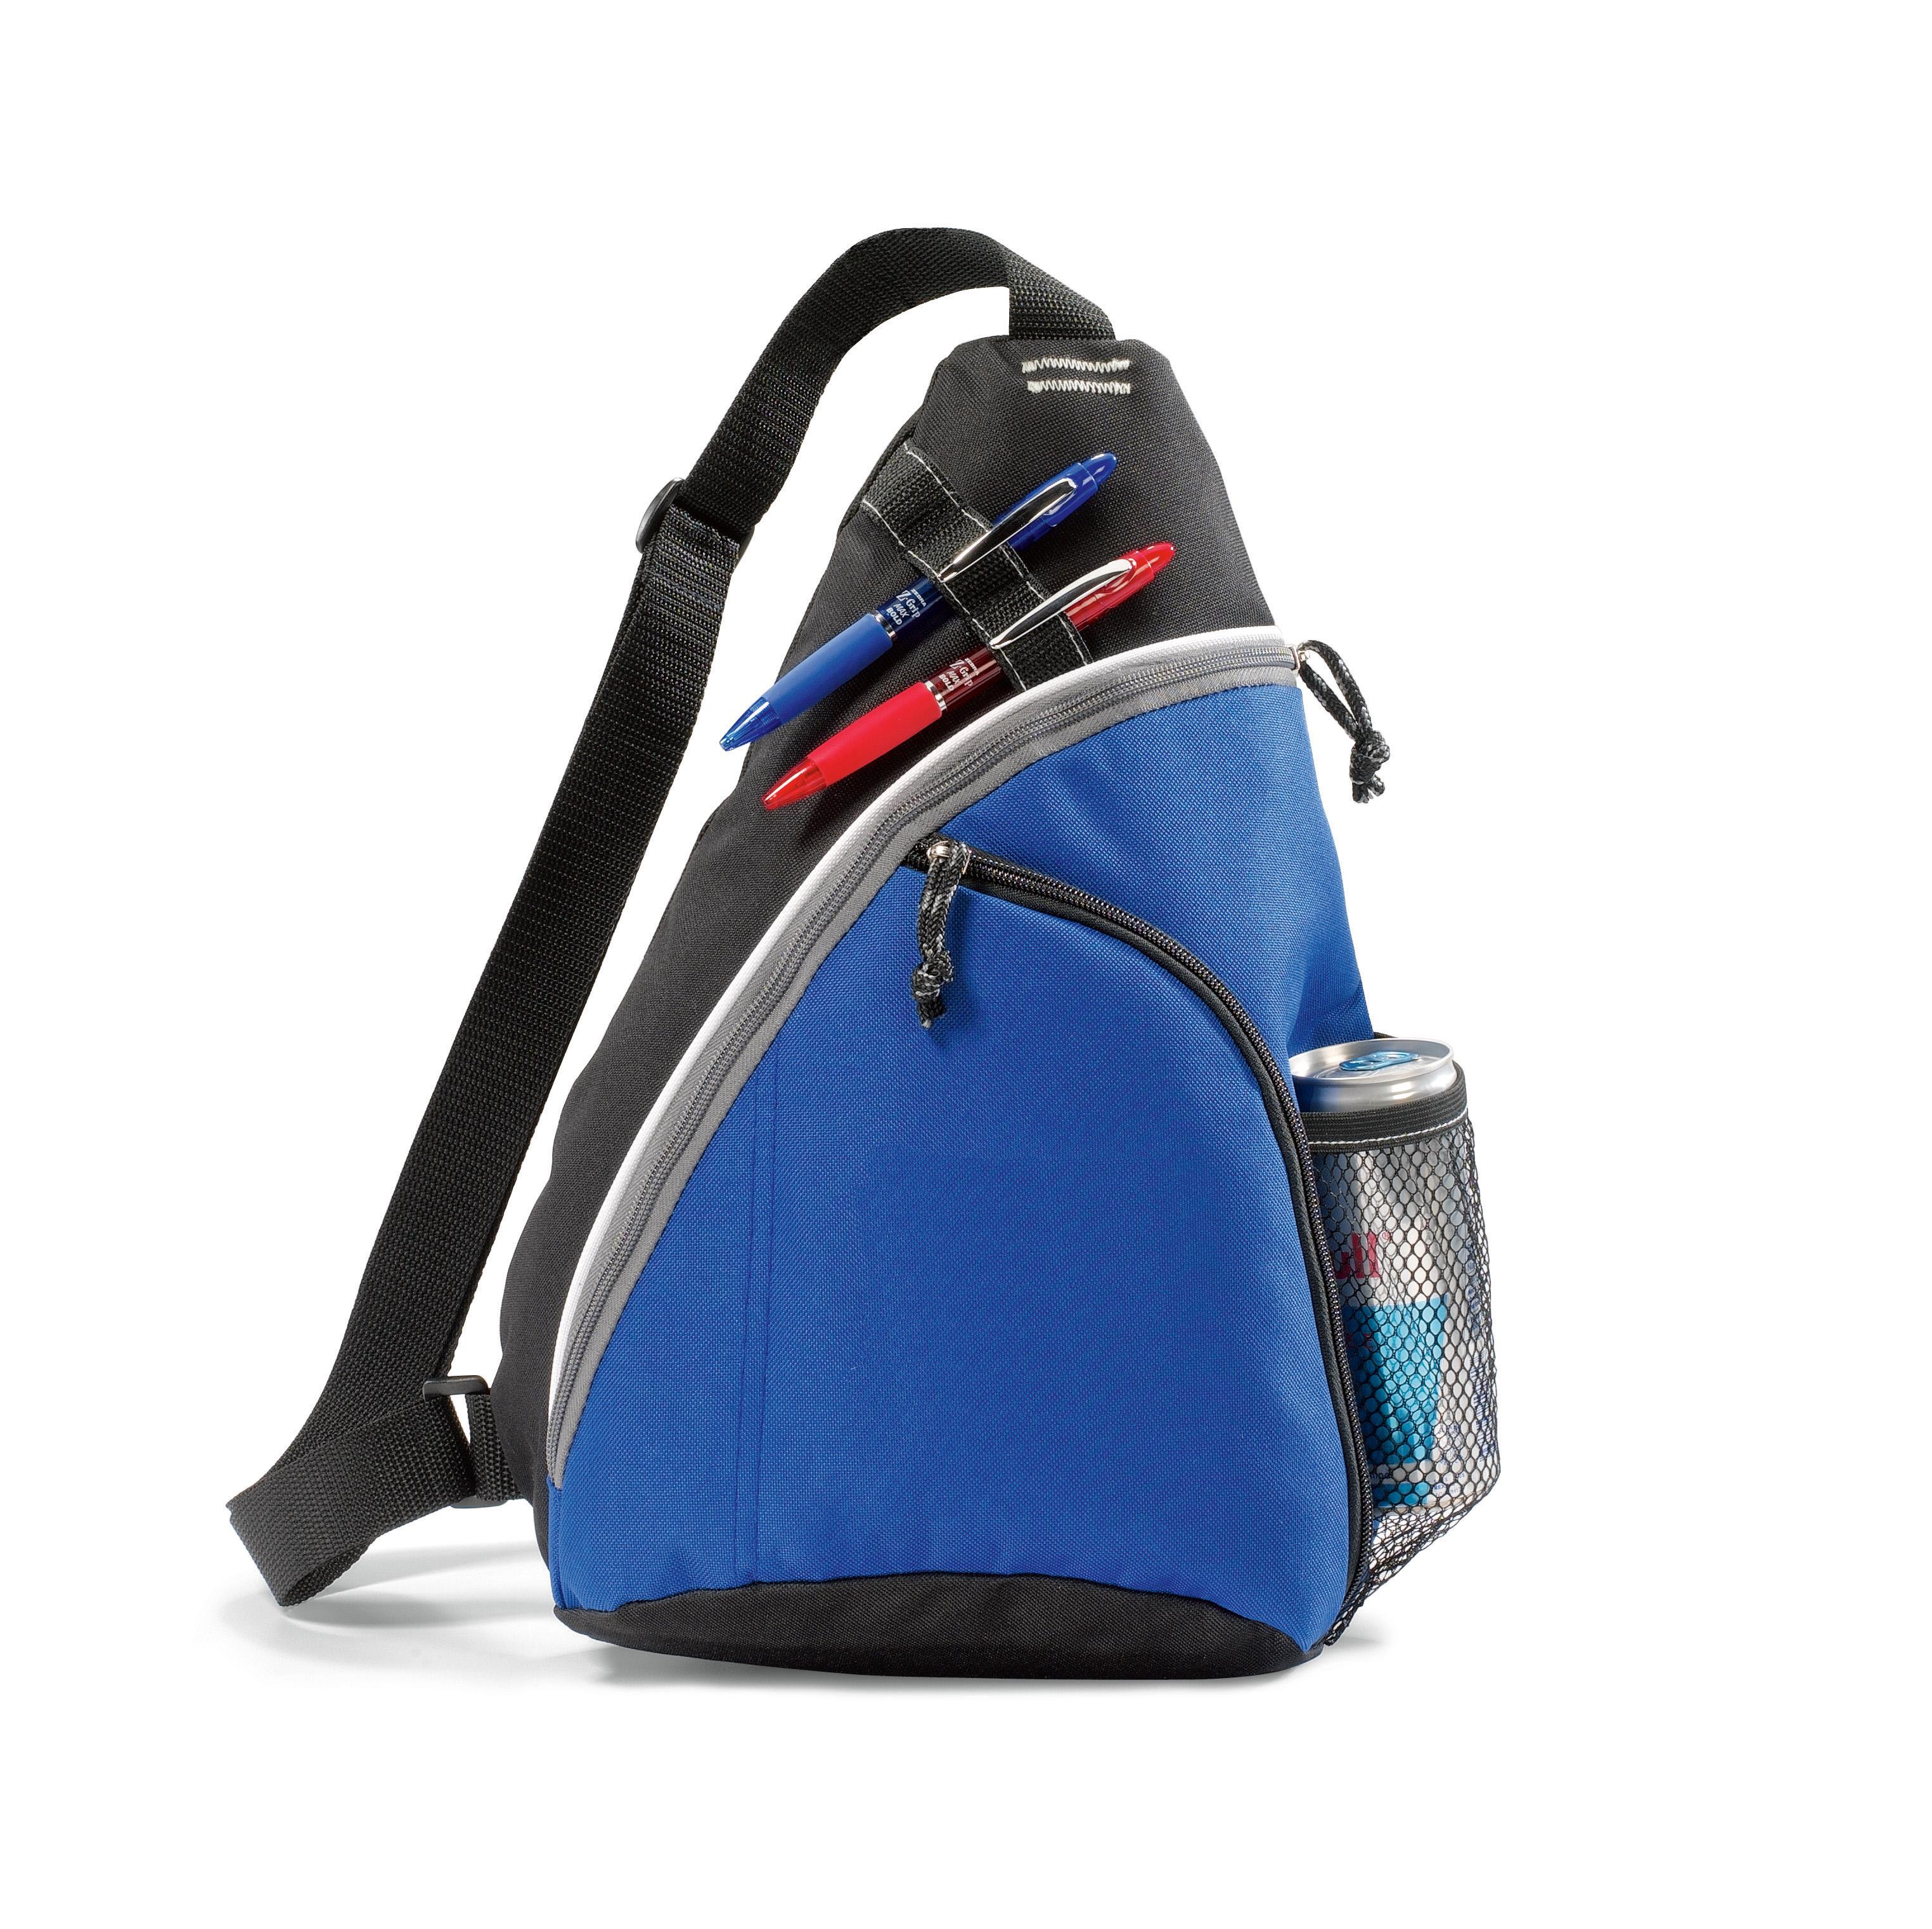 Gemline 5221 - Wave Sling Bag